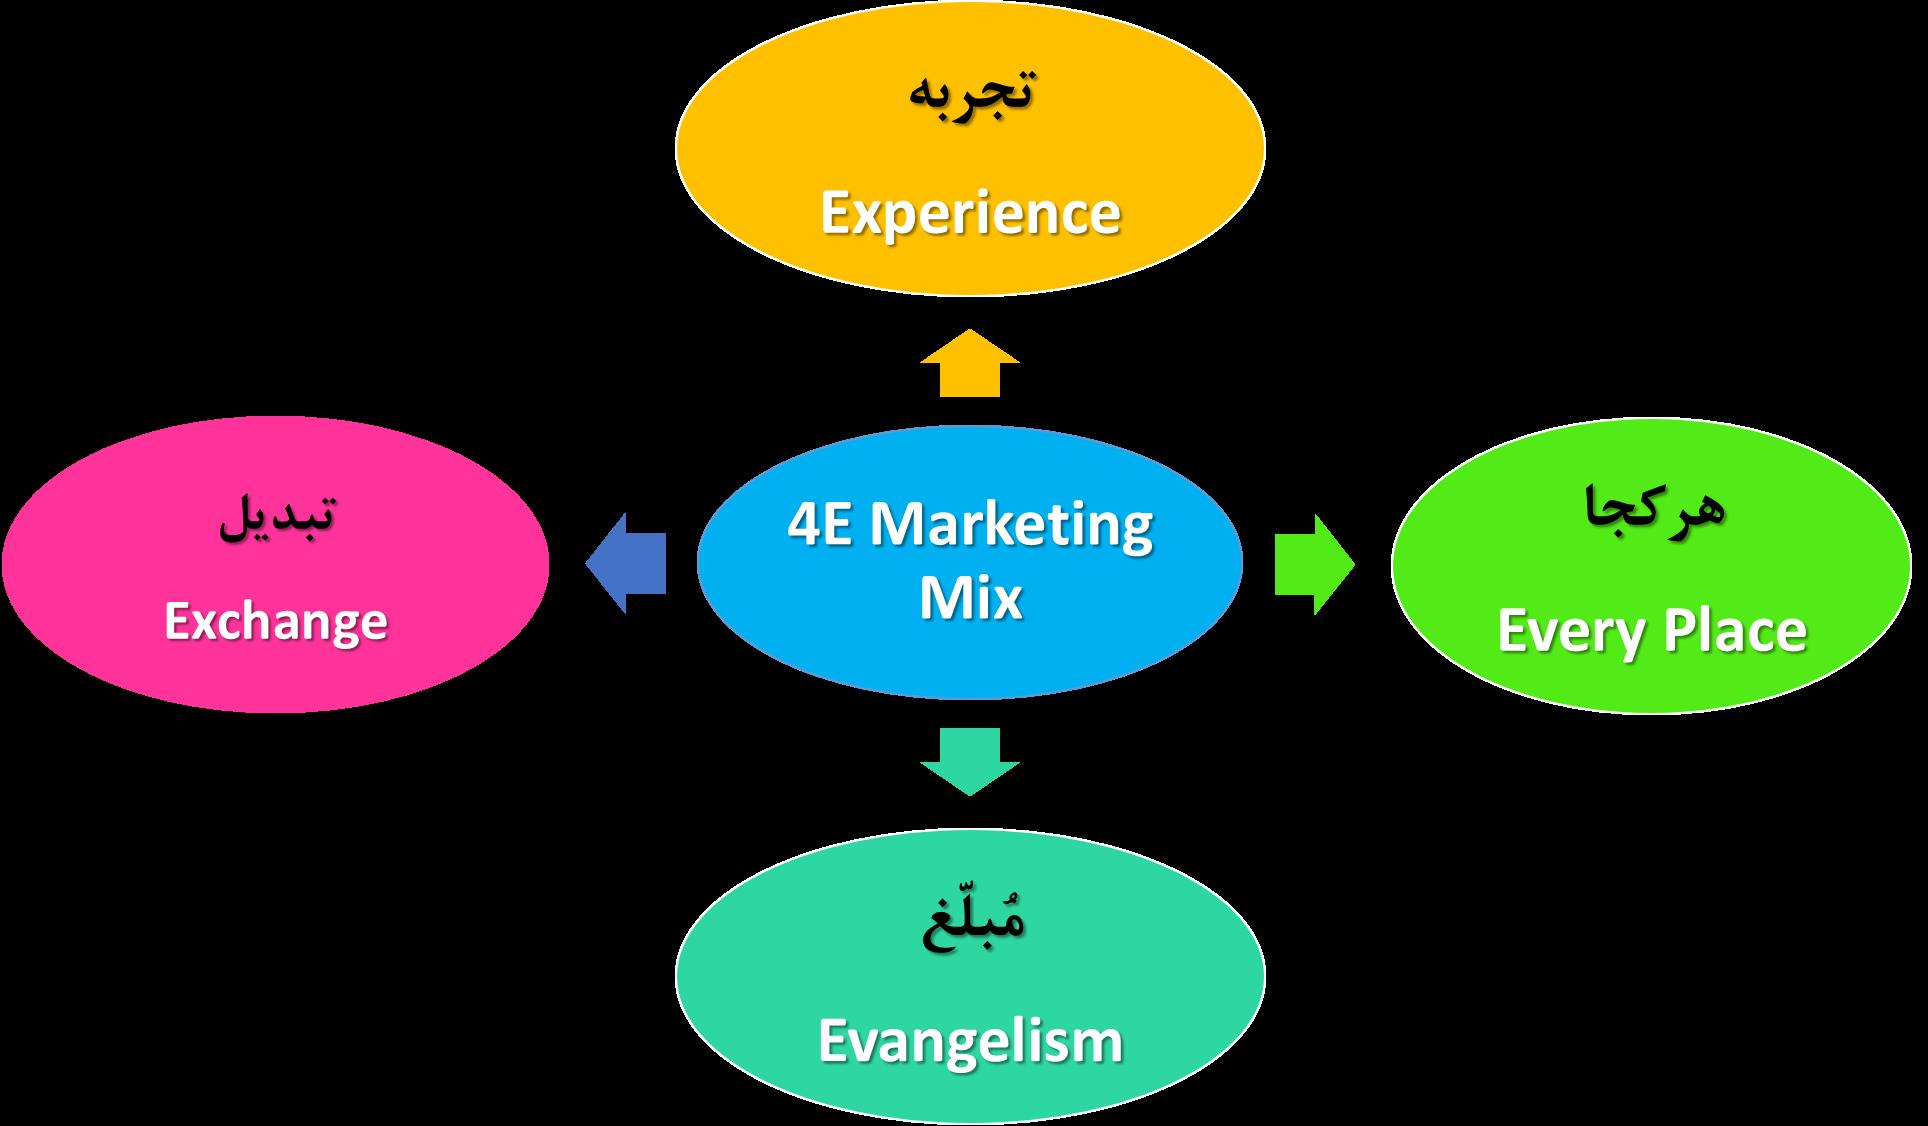 آمیخته بازاریابی ۴E – آمیخته بازاریابی بر اساس تجربه